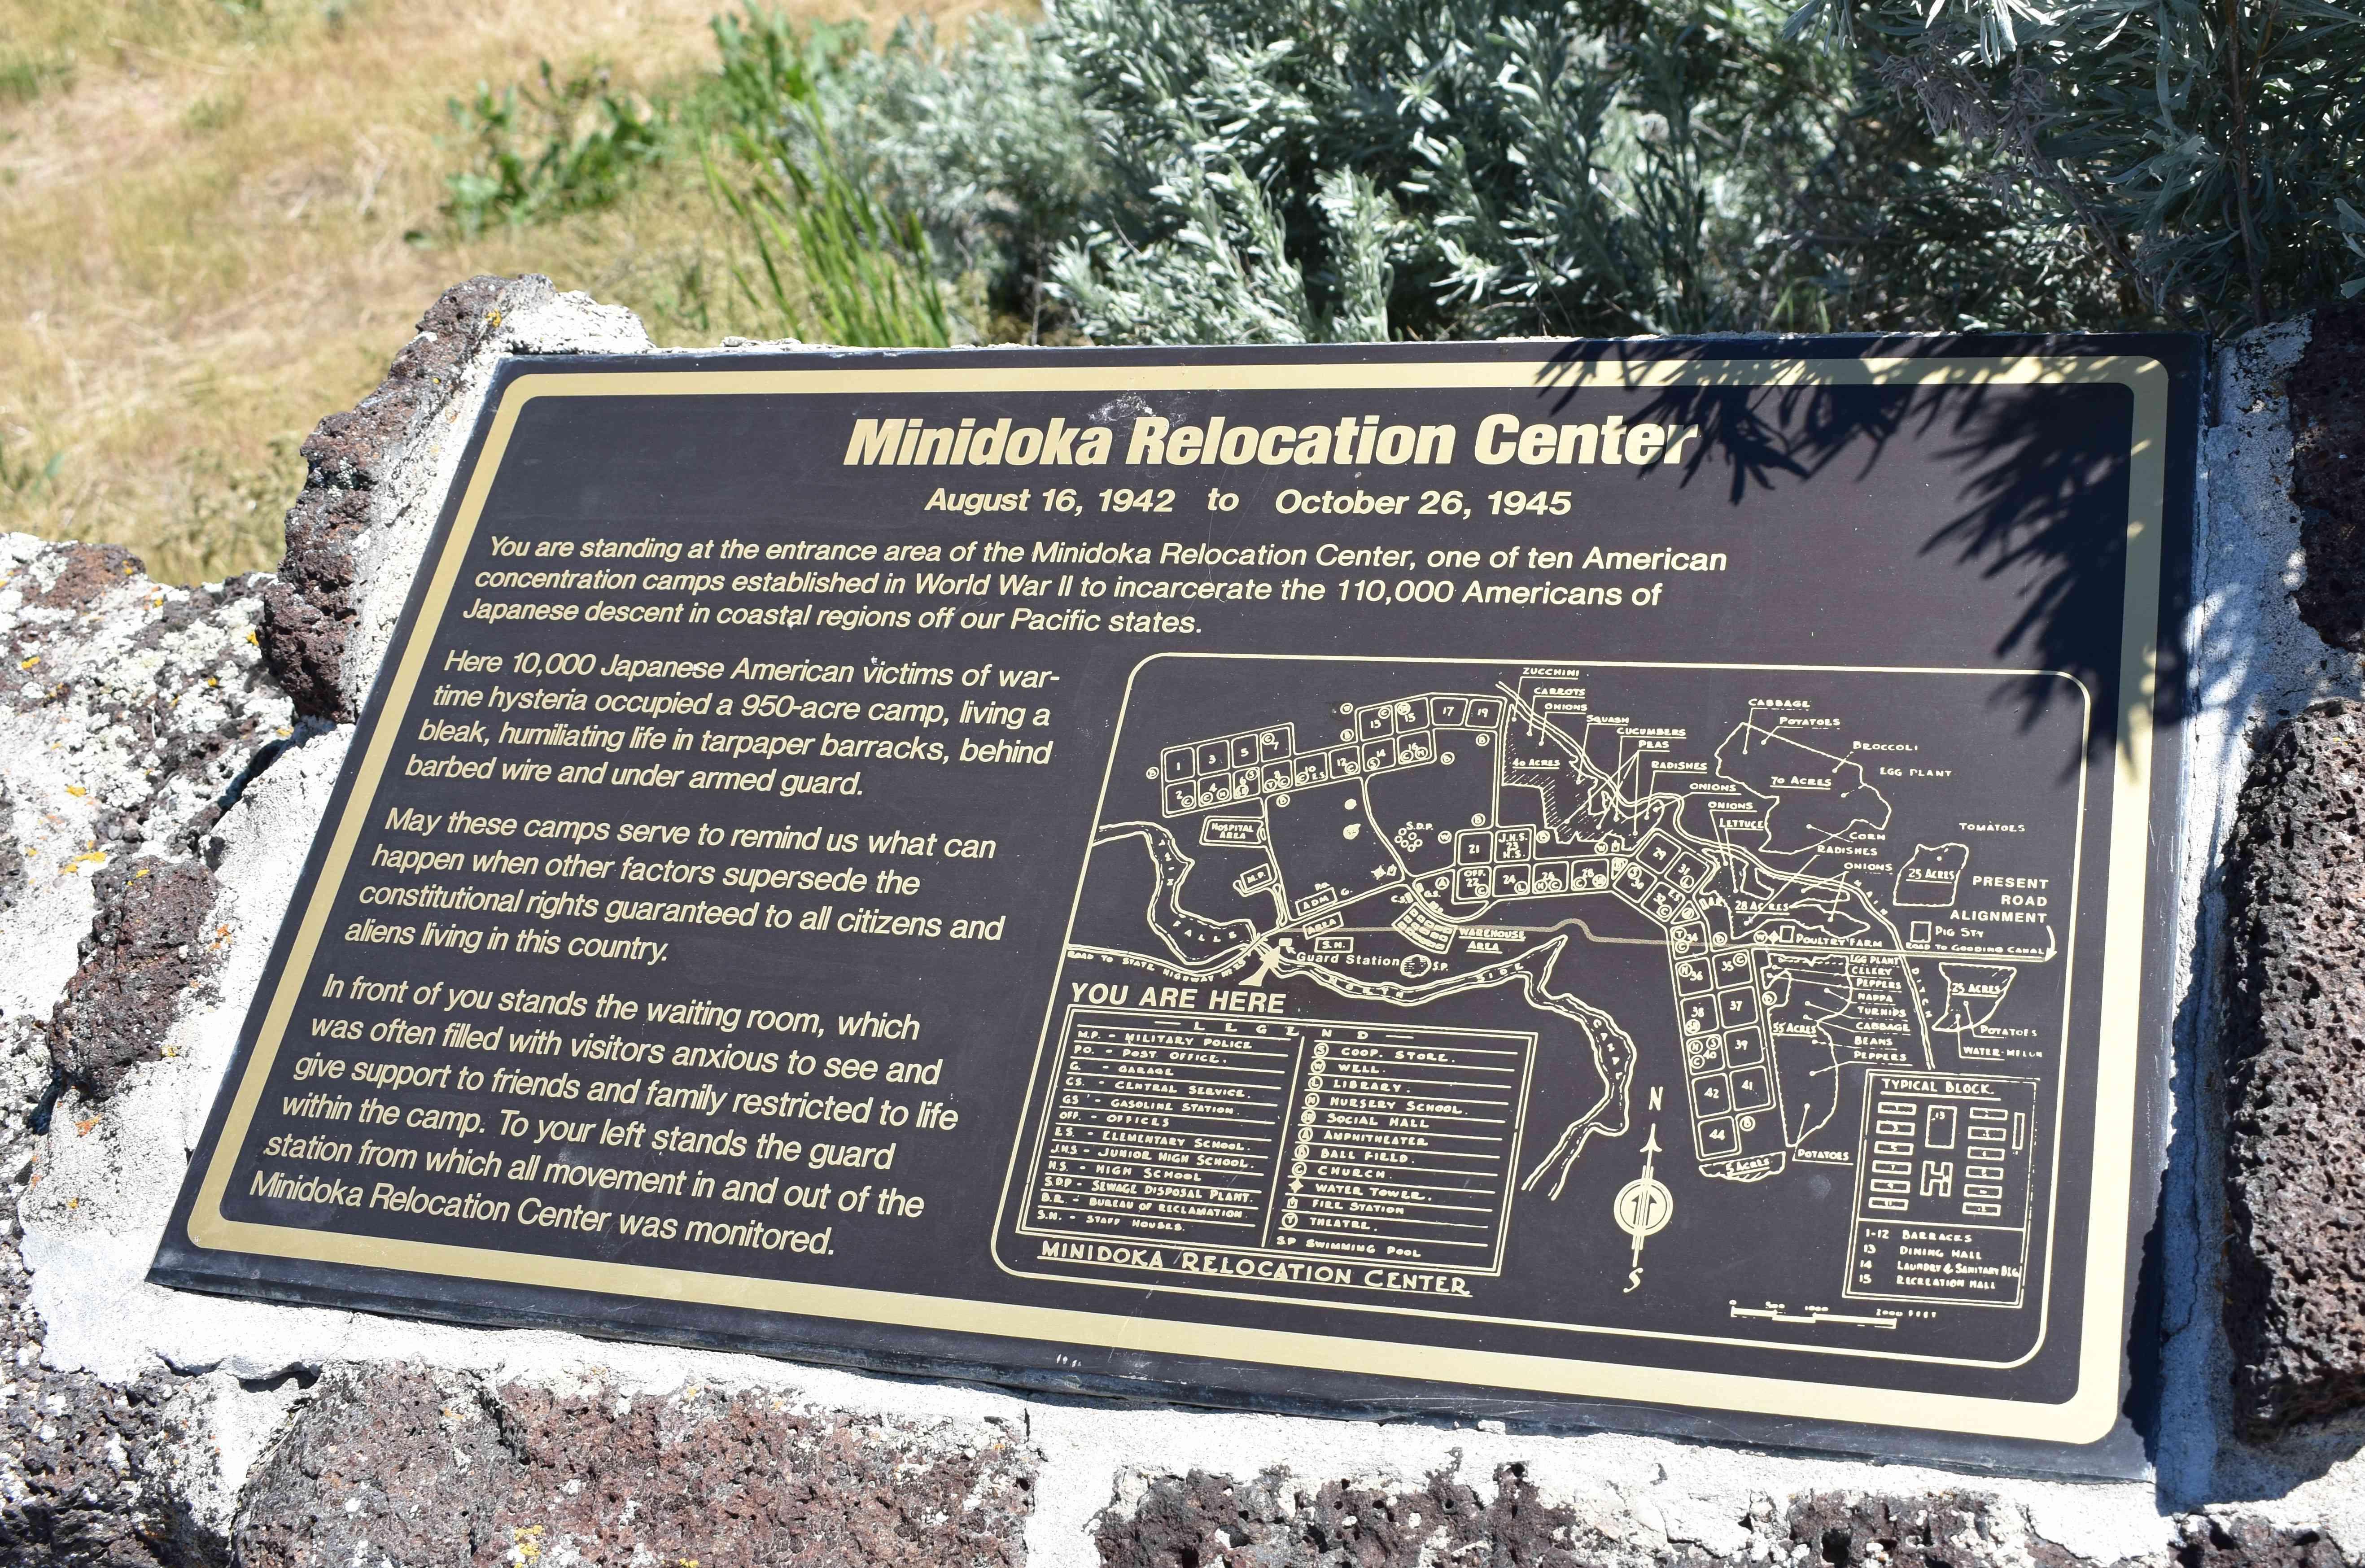 Minidoka National Historic Site near Jerome, Idaho